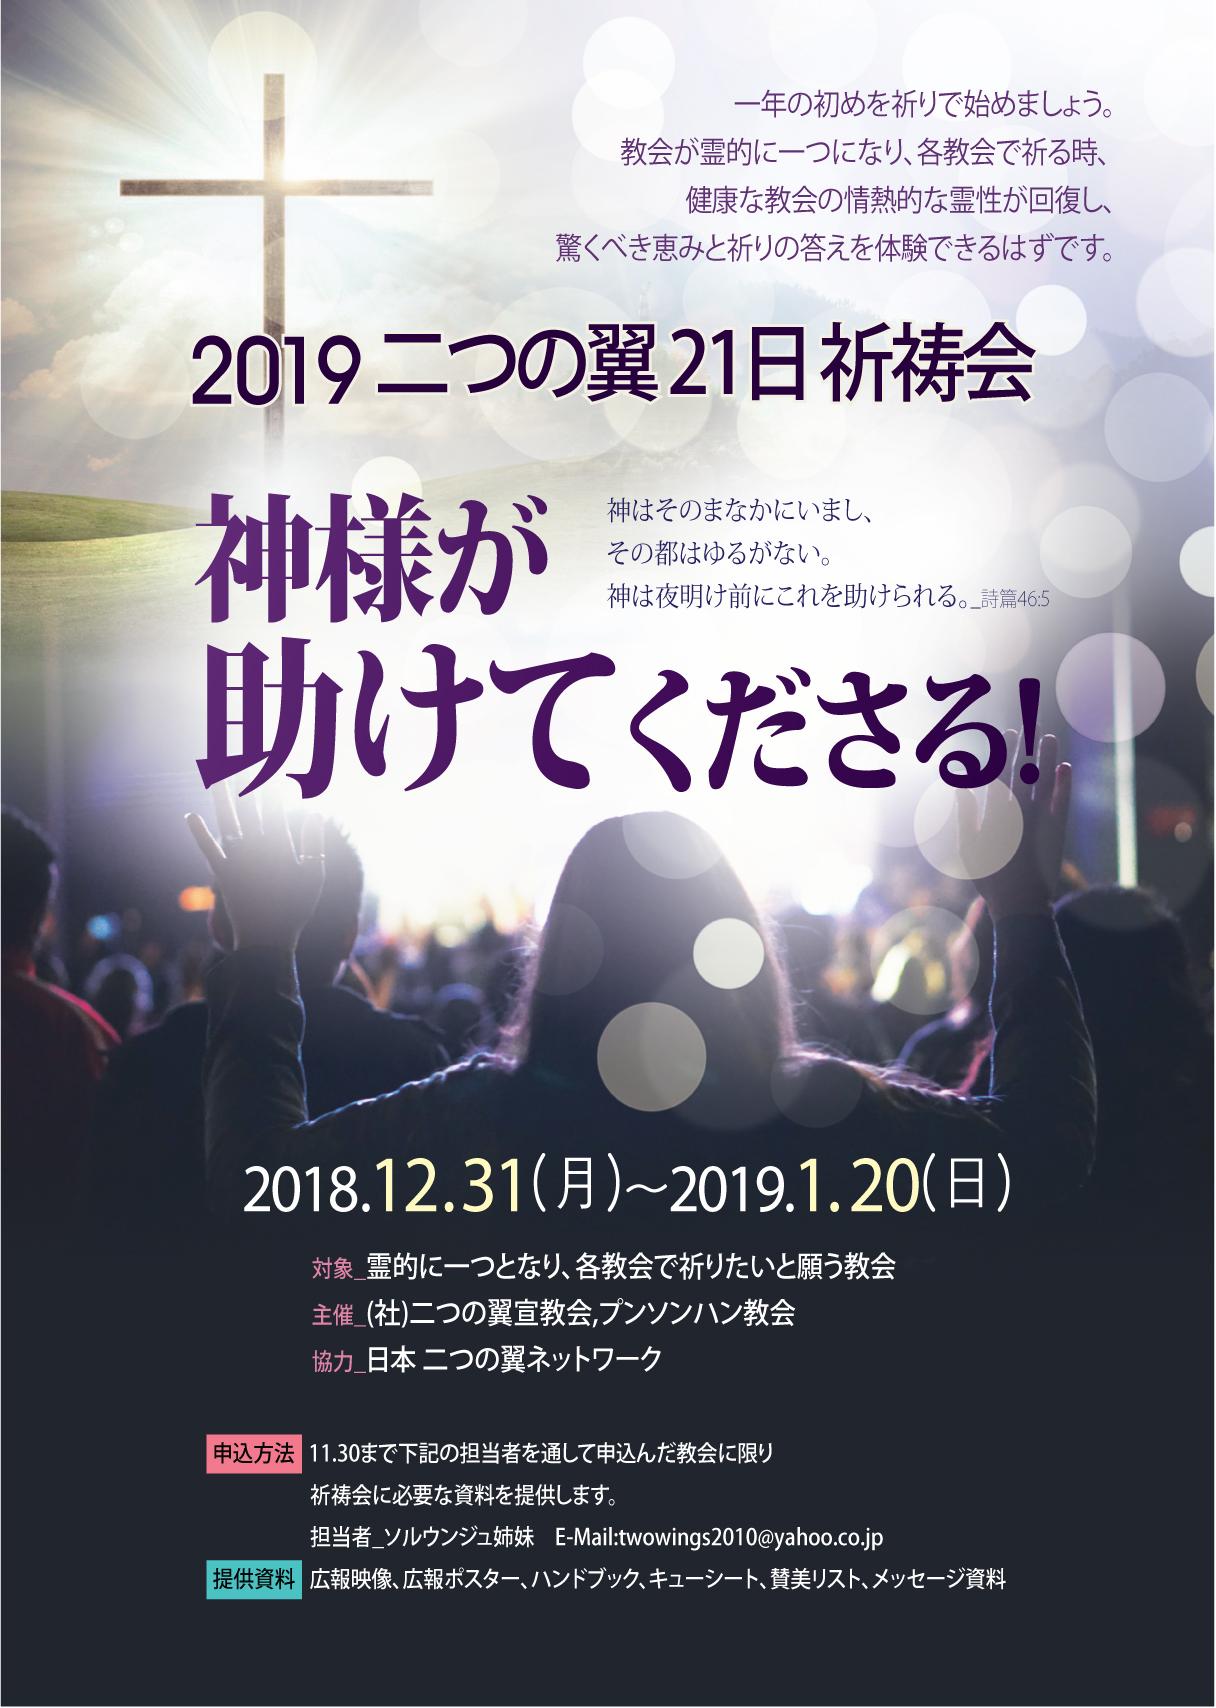 181021-2019세이레_포스터_일본어